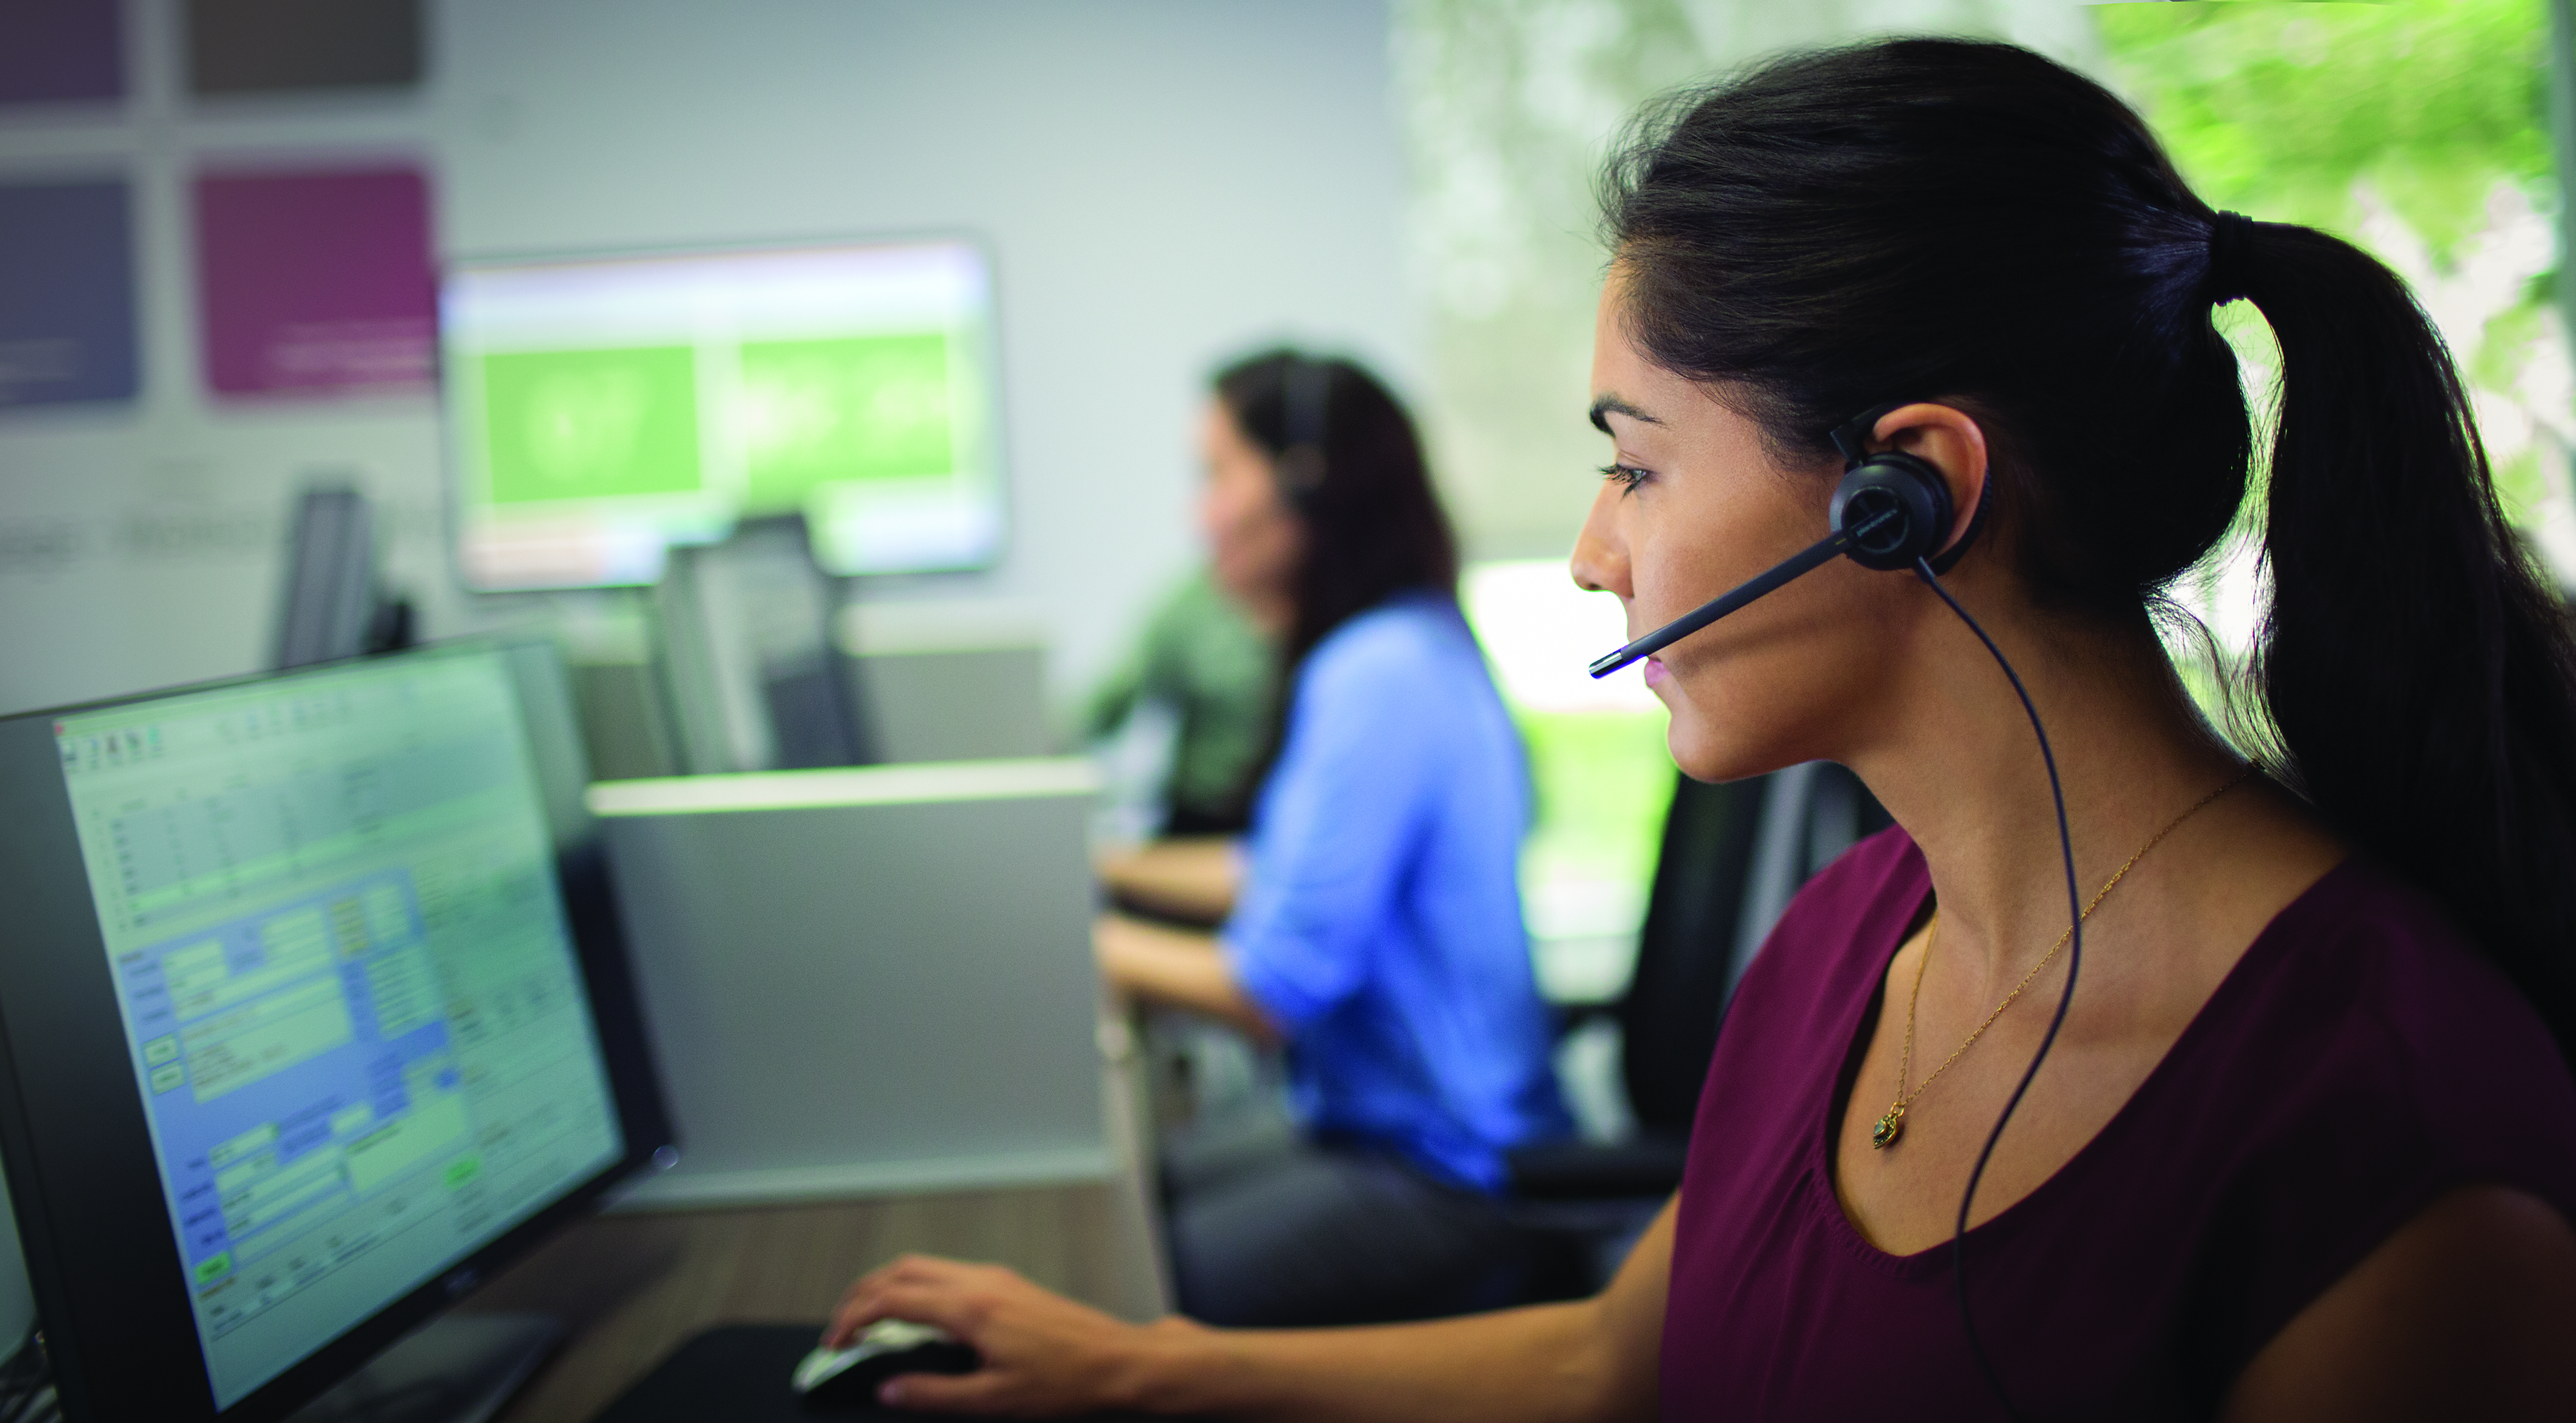 Служба поддержки вакансии удаленная работа как можно заработать на удаленной работе